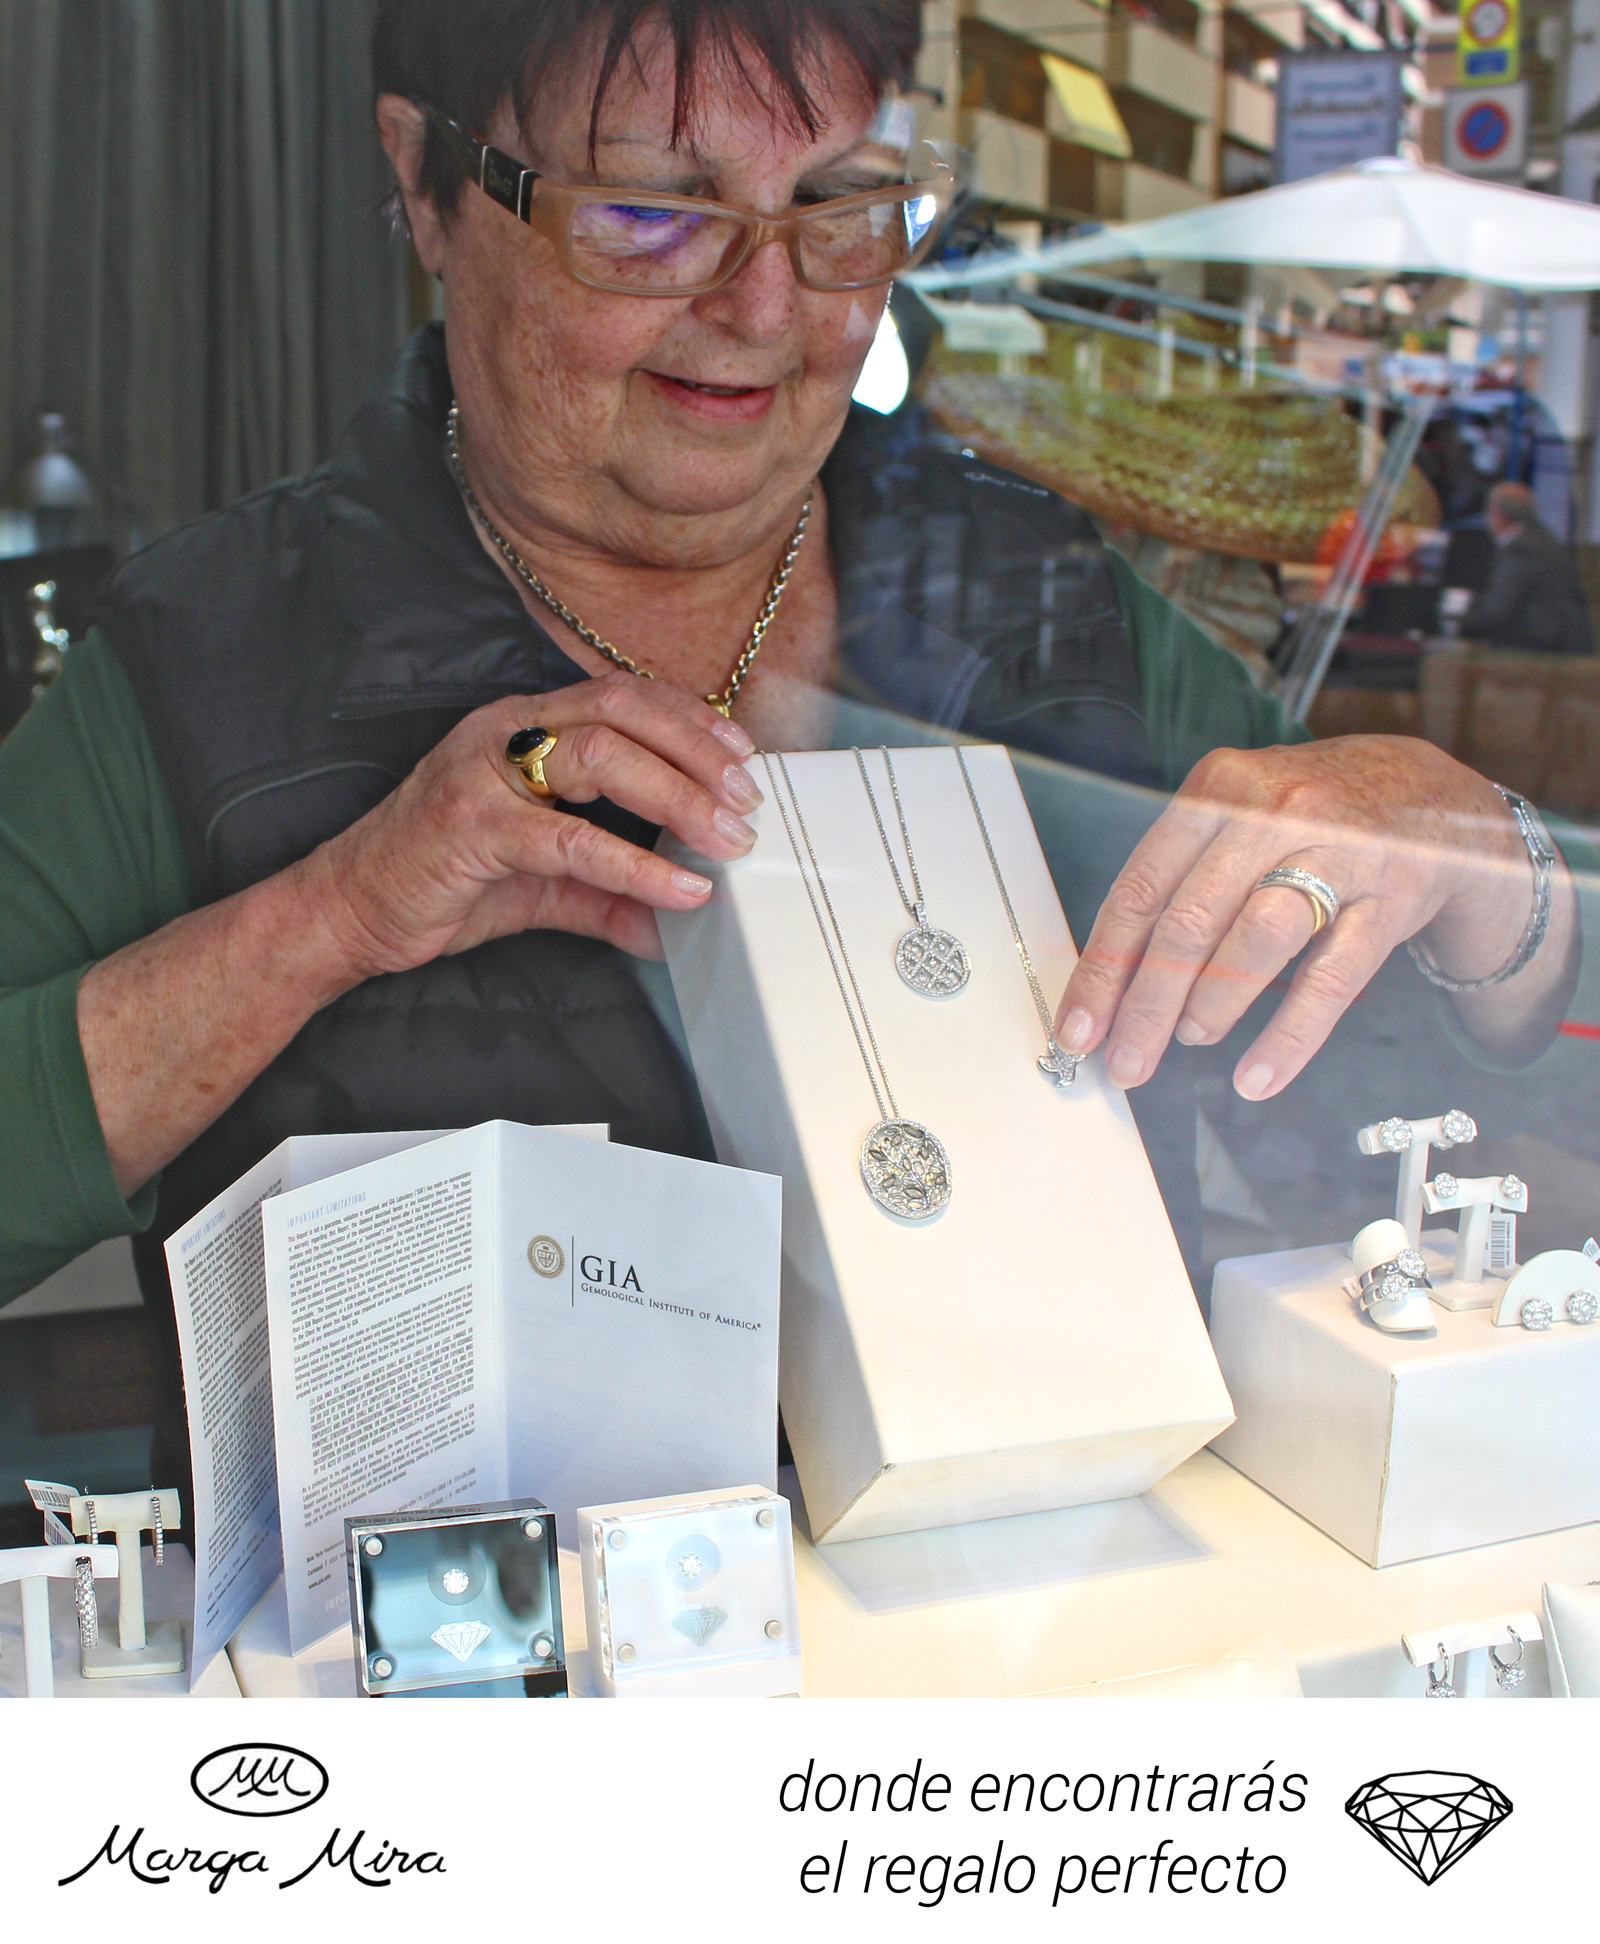 joyeria alicante capital - tienda joyas alicante - joyerias alicante centro - joyeria marga mira -joyas diamantes online - buy diamond rings alacant - best jewelries alicante - gold wedding bands alicante - luxury